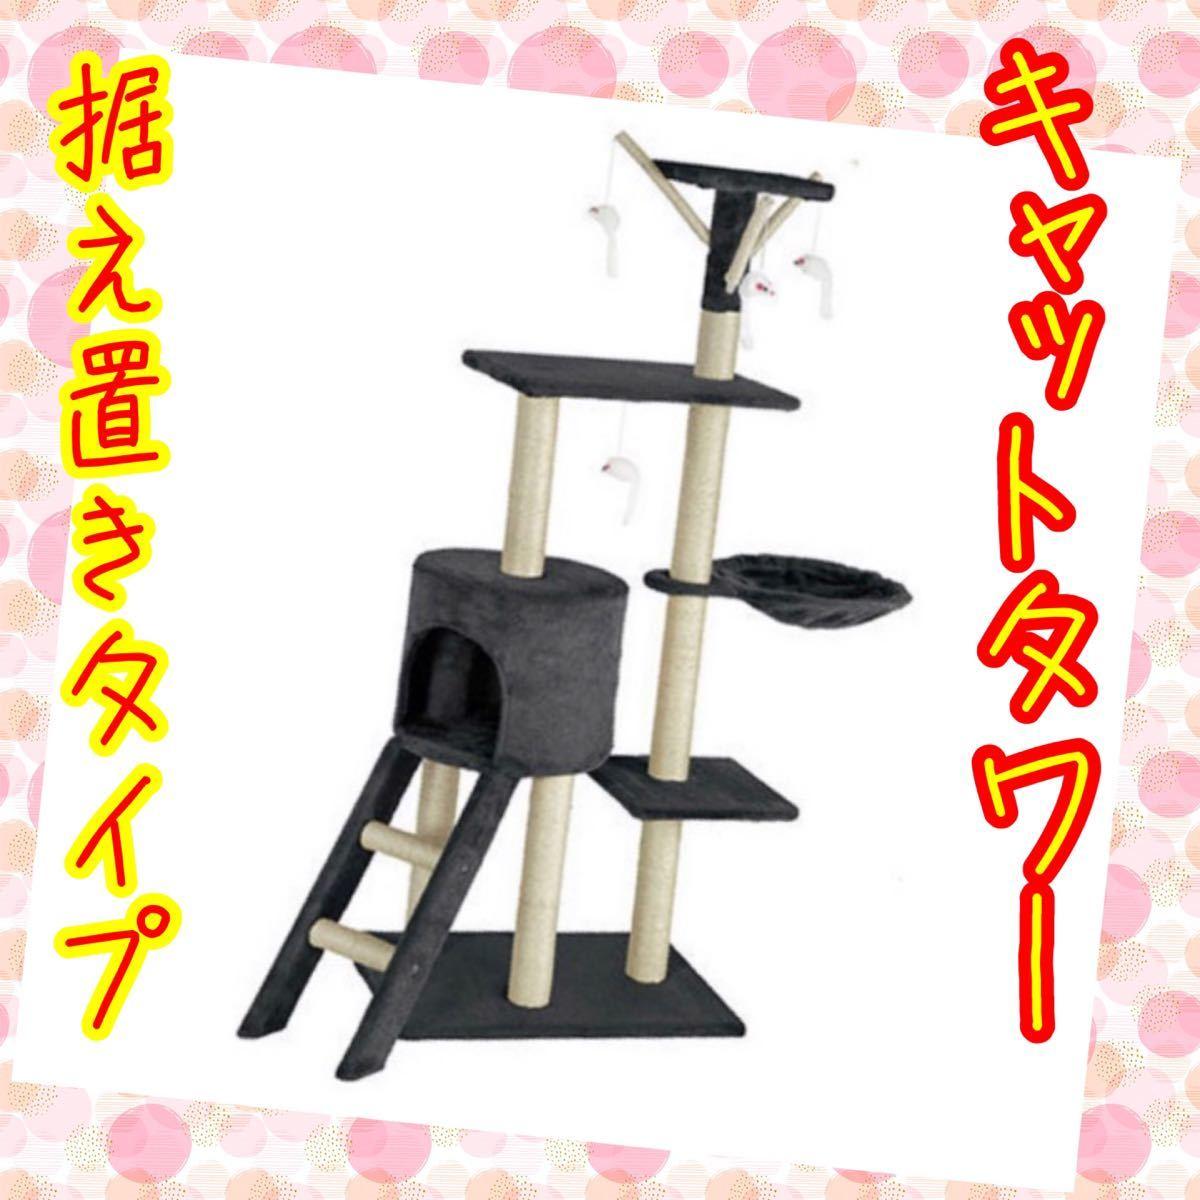 キャットタワー グレー 据え置き 猫タワー ネコ ハンモック 隠れ家 おもちゃ